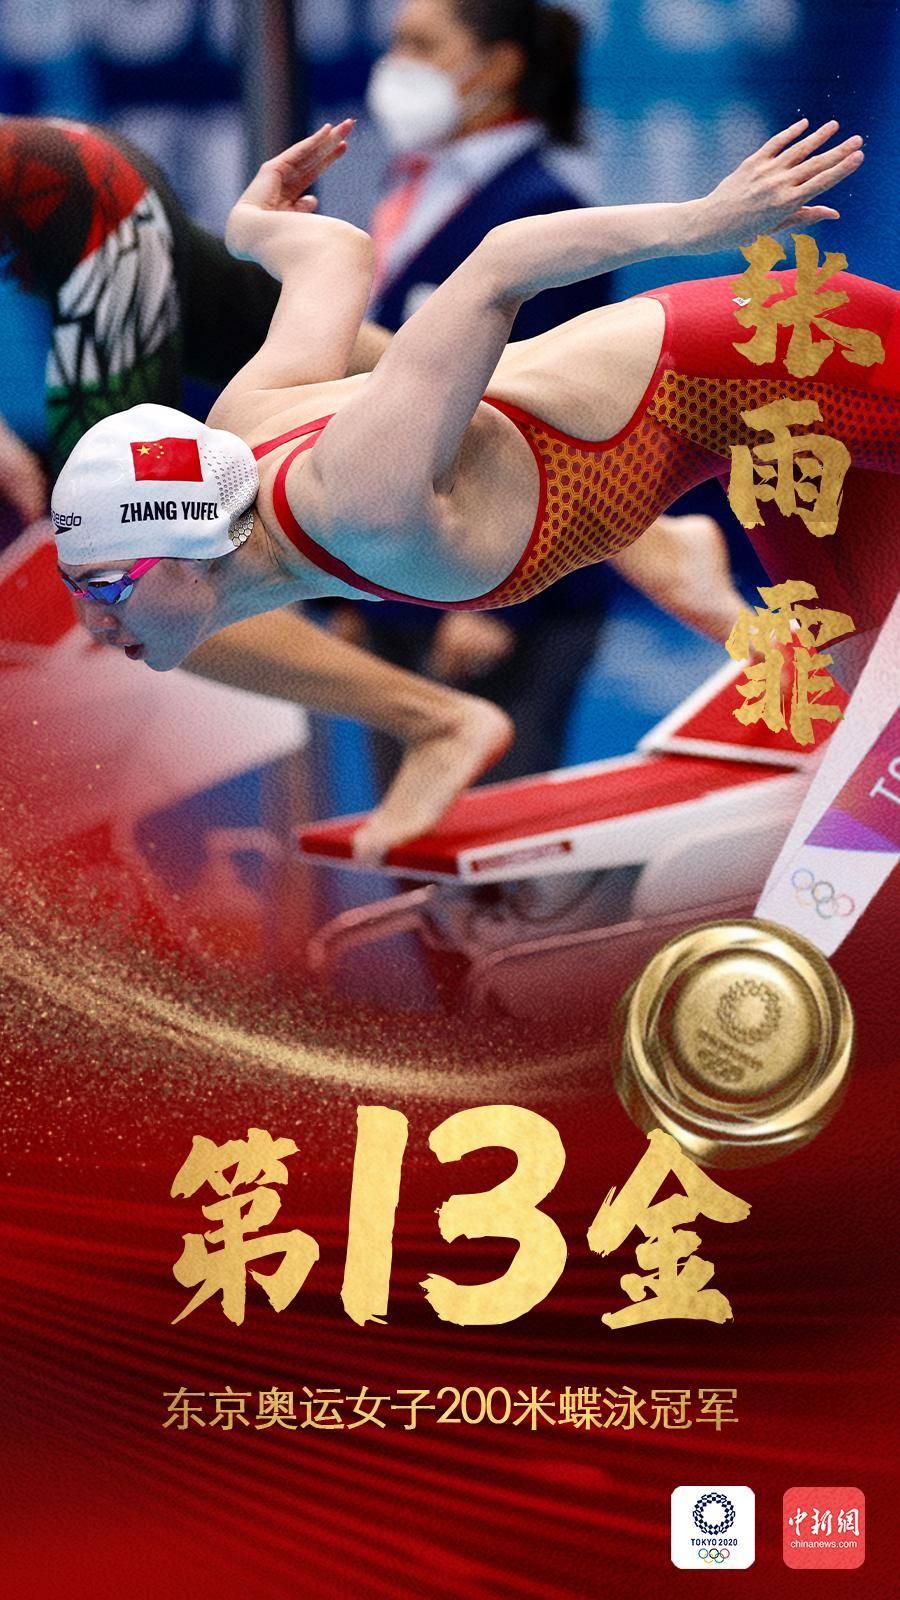 中国军团第13金!东京奥运女子200米蝶泳张雨霏夺冠